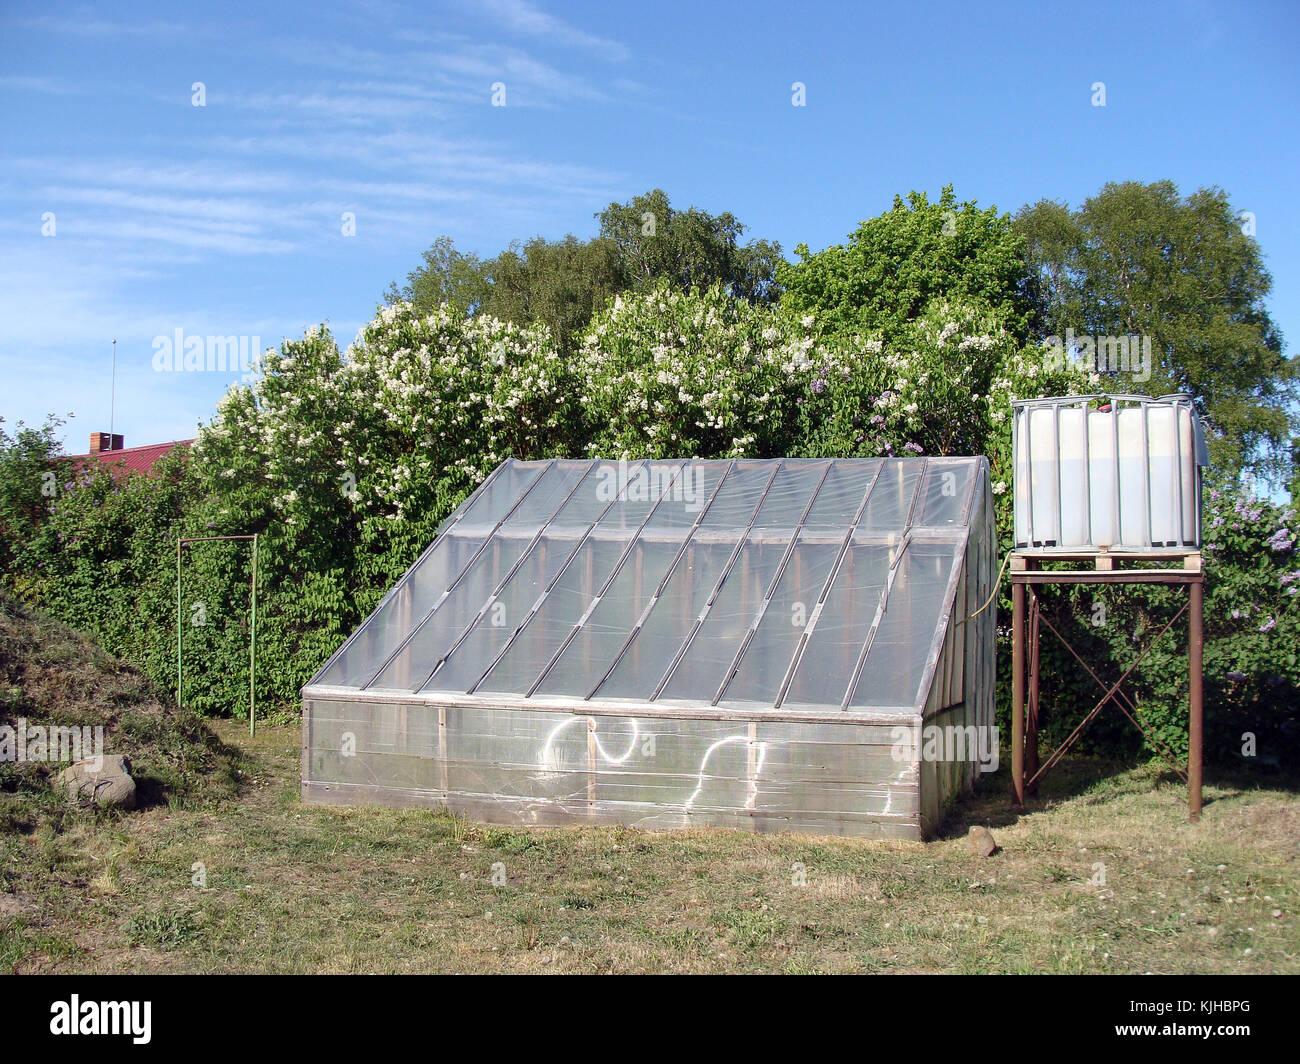 Hausgemachte Kunststoff Gewächshaus Mit Wassertank Auf Turm